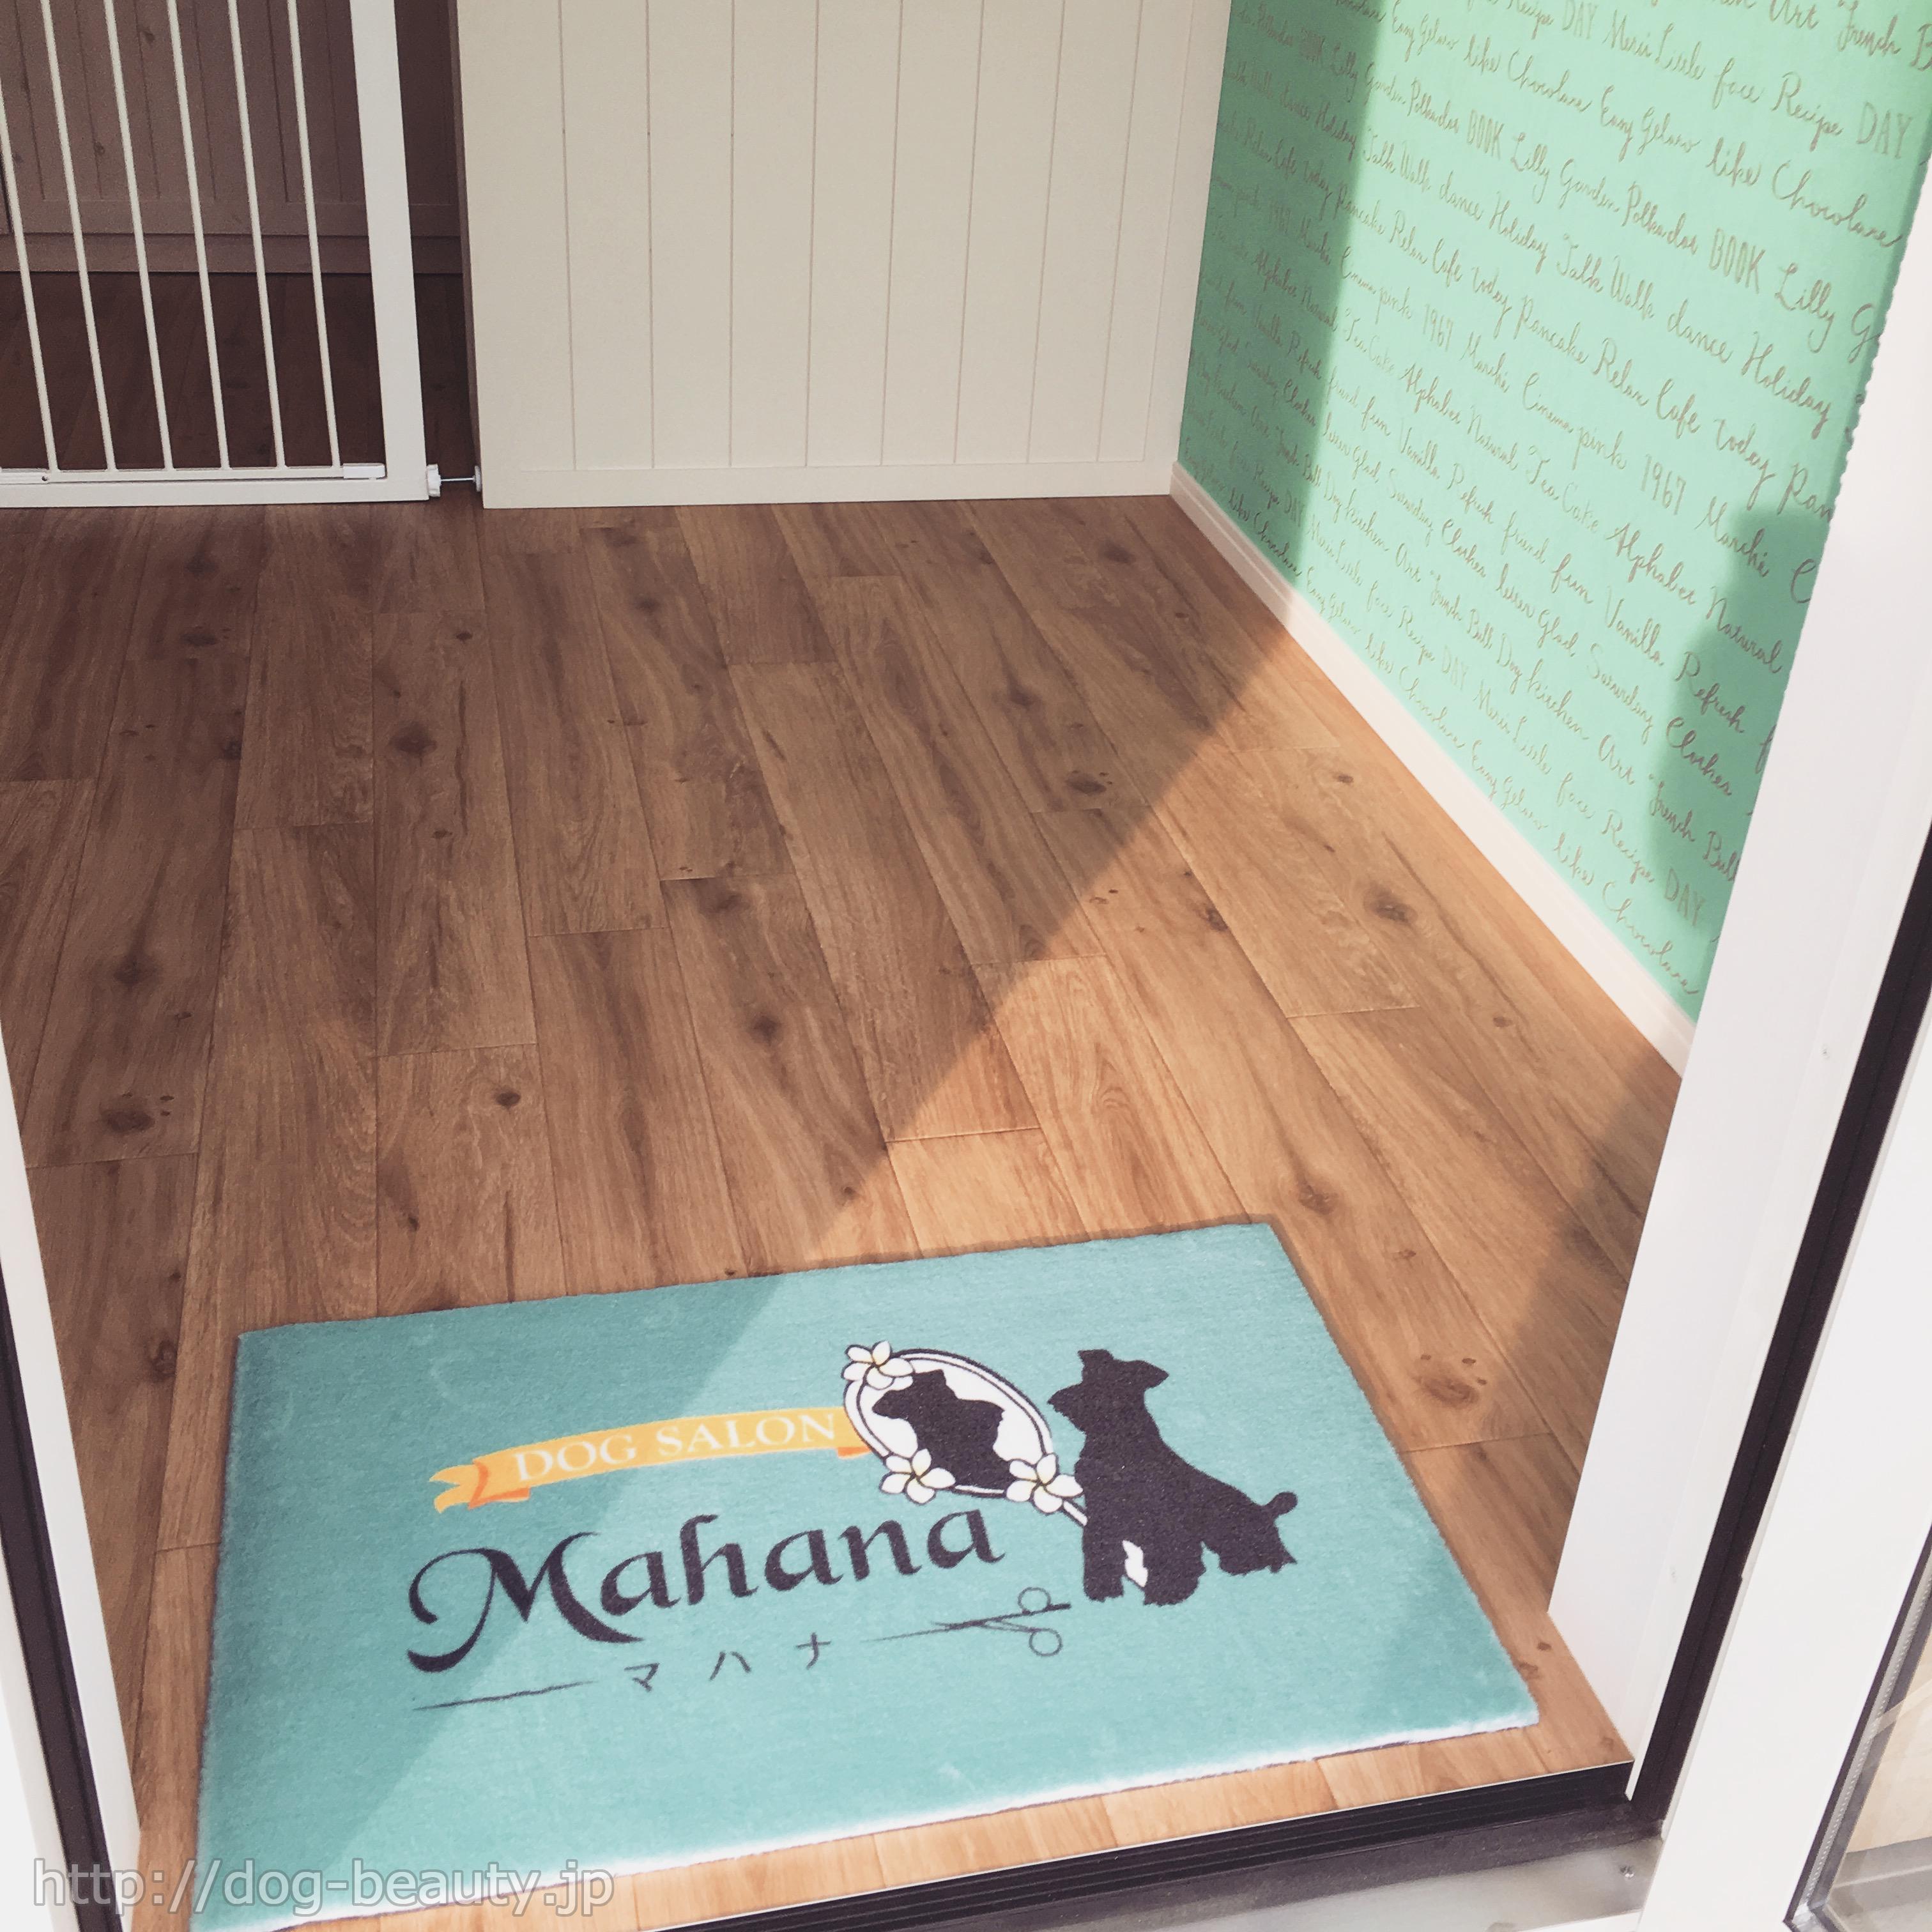 Dog Salon Mahana